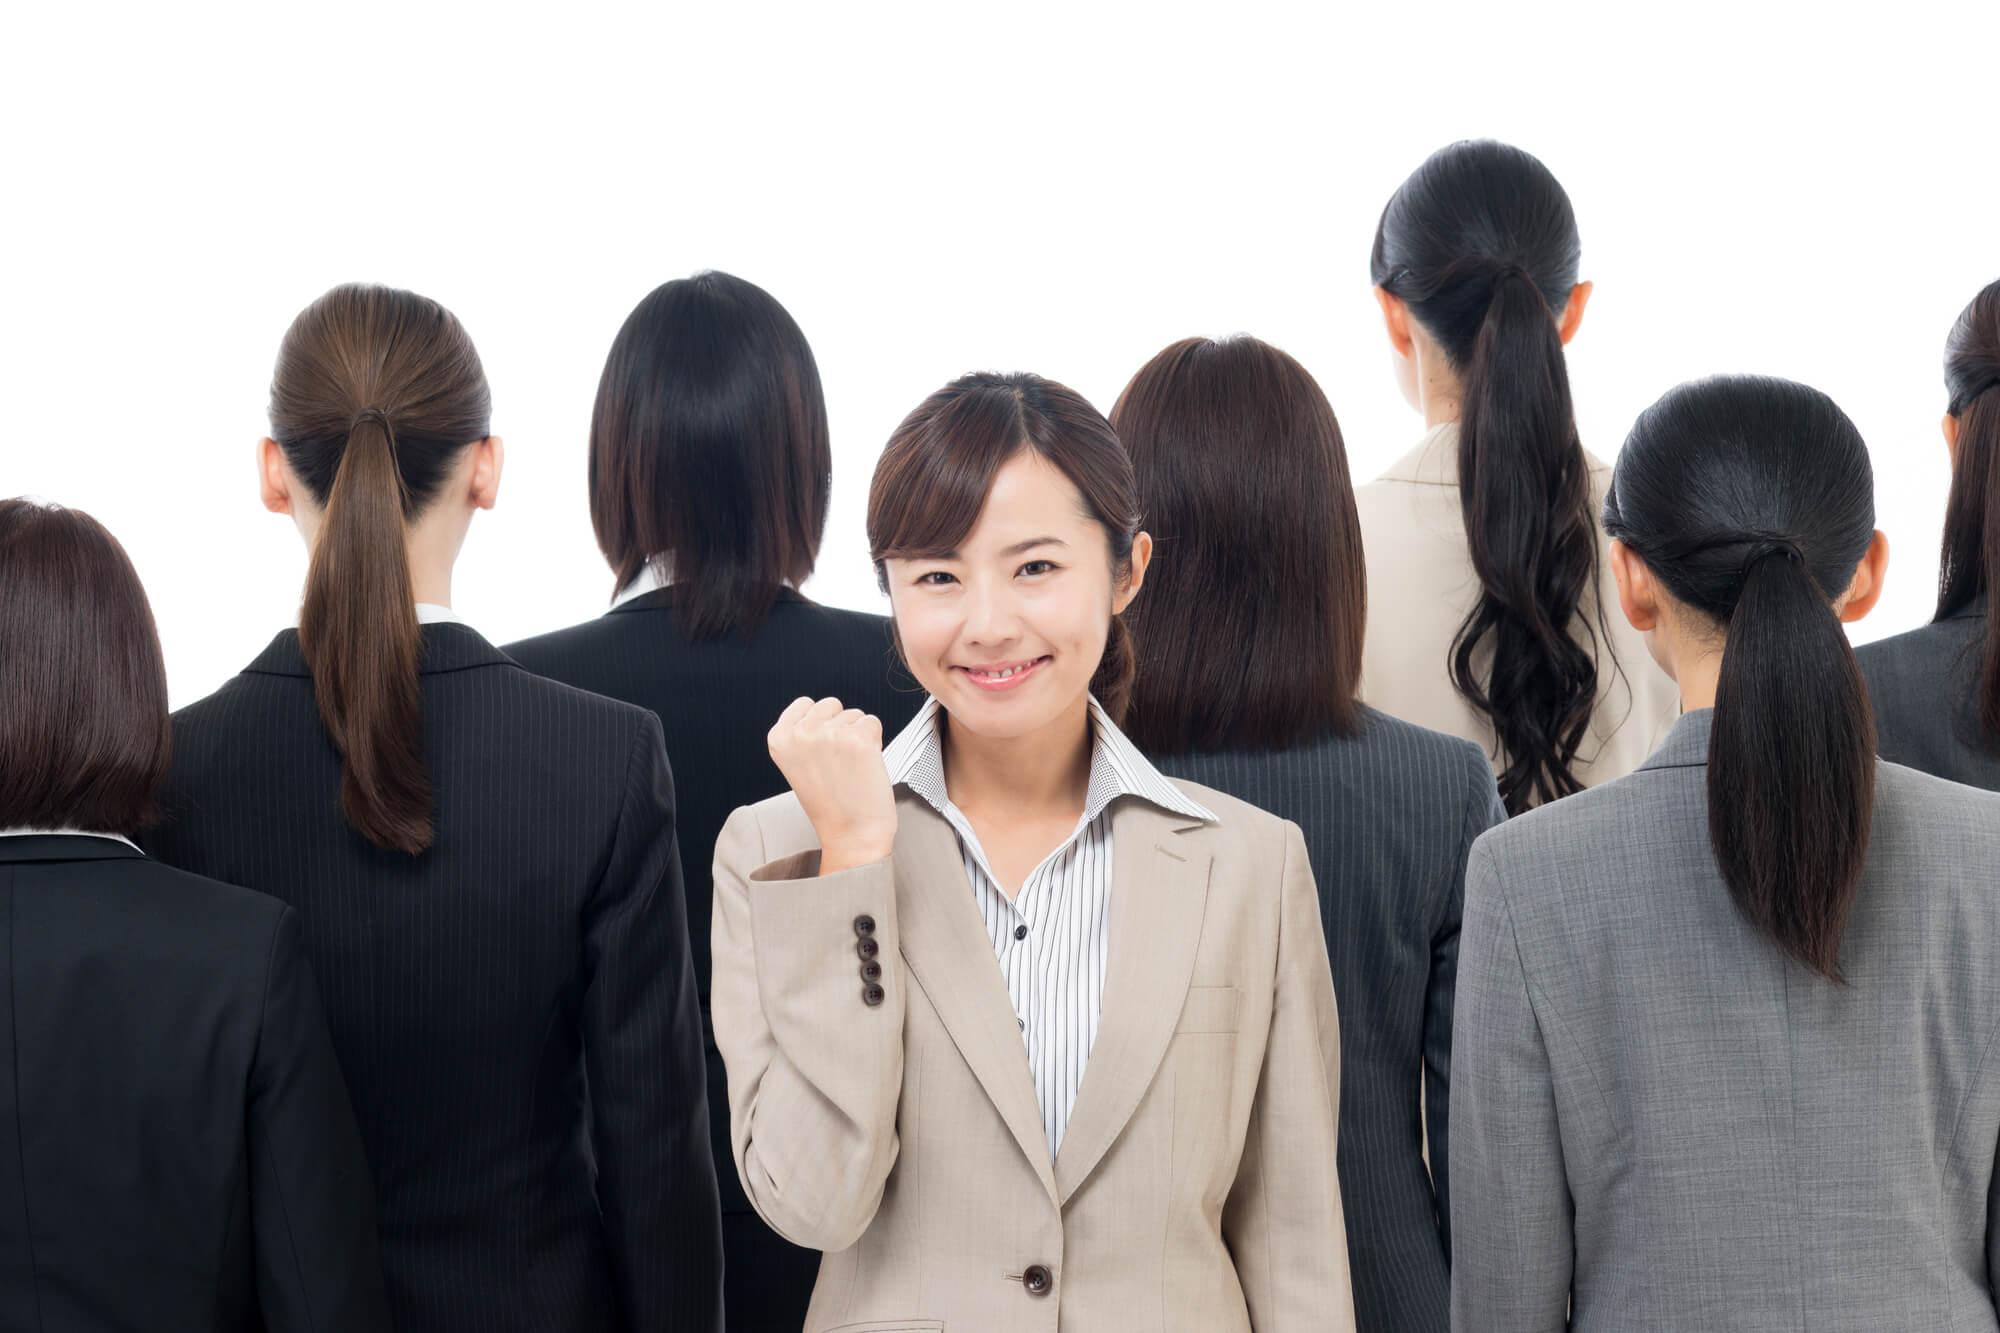 人間関係の悩みや問題を解決して一回り大きく成長した女性